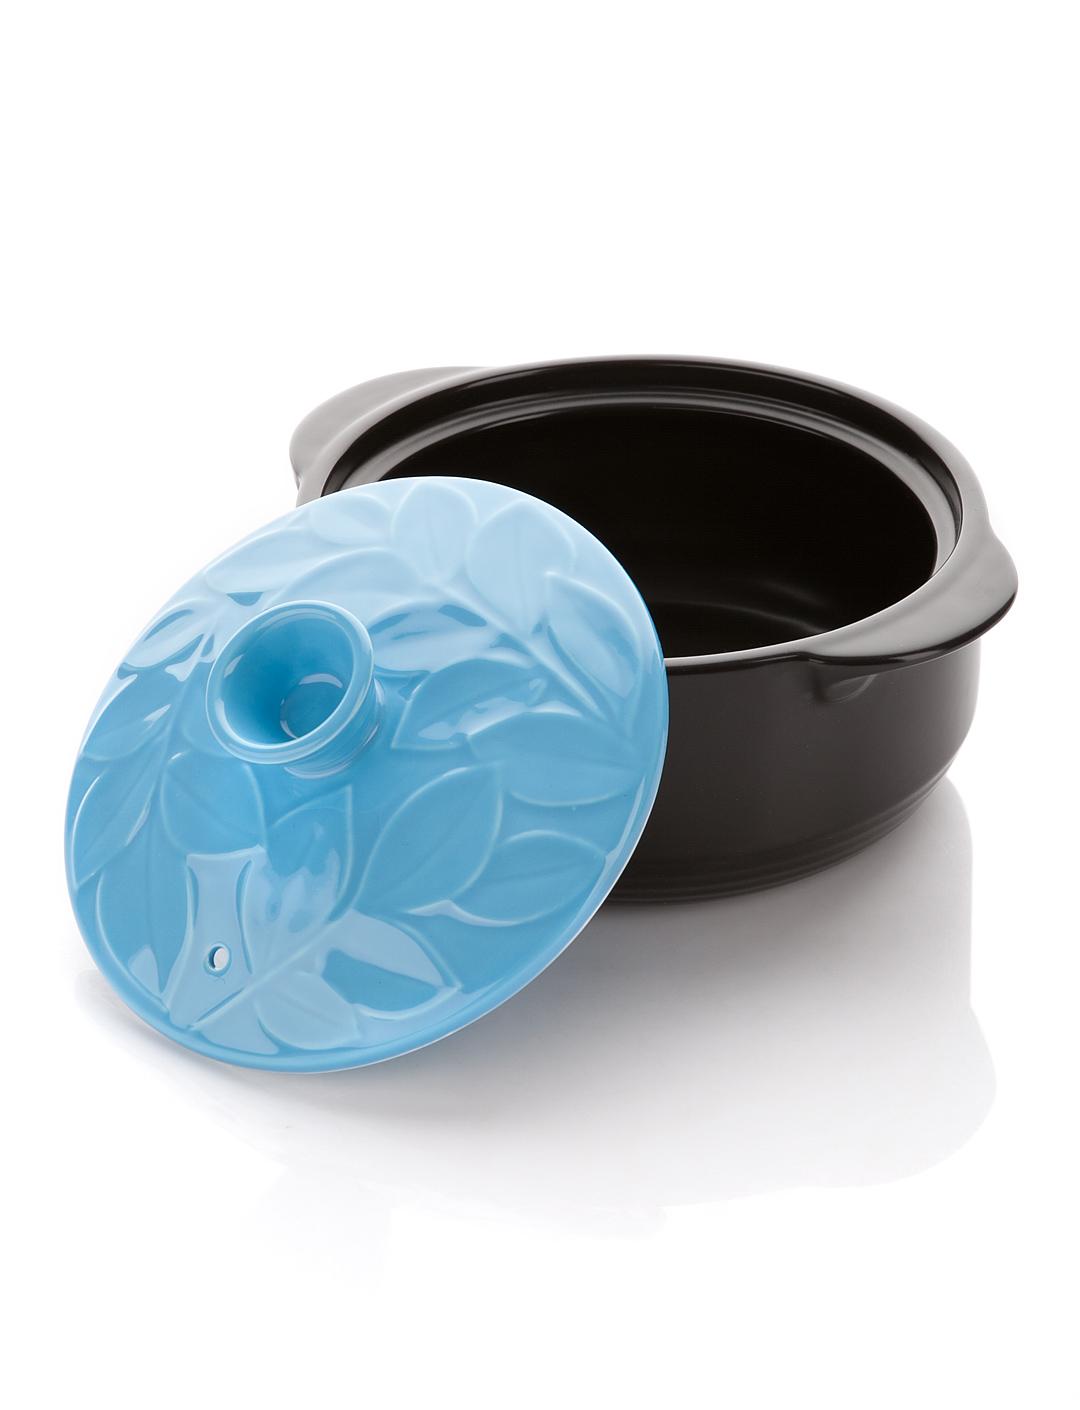 """Кастрюля """"Hans & Gretchen"""" изготовлена из экологически чистой жаропрочной   керамики. Керамическая крышка кастрюли оснащена отверстием для выпуска пара.   Кастрюля равномерно нагревает блюдо, долго сохраняя тепло и не выделяя   абсолютно никаких примесей в пищу. Кастрюля не искажает, а даже усиливает   вкус пищи. Крышка изделия оформлена рельефным изображением листьев.   Превосходно служит для замораживания продуктов в холодильнике (до -20°С).   Кастрюля устойчива к химическим и механическим воздействиям. Благодаря   толстым стенкам изделие нагревается равномерно. Кастрюля """"Hans & Gretchen"""" прекрасно подойдет для запекания и тушения   овощей, мяса и других блюд, а оригинальный дизайн и яркое оформление украсят   ваш стол.  Можно мыть в посудомоечной машине. Кастрюля предназначена для   использования на газовой и электрической плитах, в духовке и микроволновой   печи. Не подходит для индукционных плит.   Высота стенки: 7,5 см. Ширина кастрюли (с учетом ручек): 21 см. Толщина дна: 5 мм. Толщина стенки: 5 мм."""